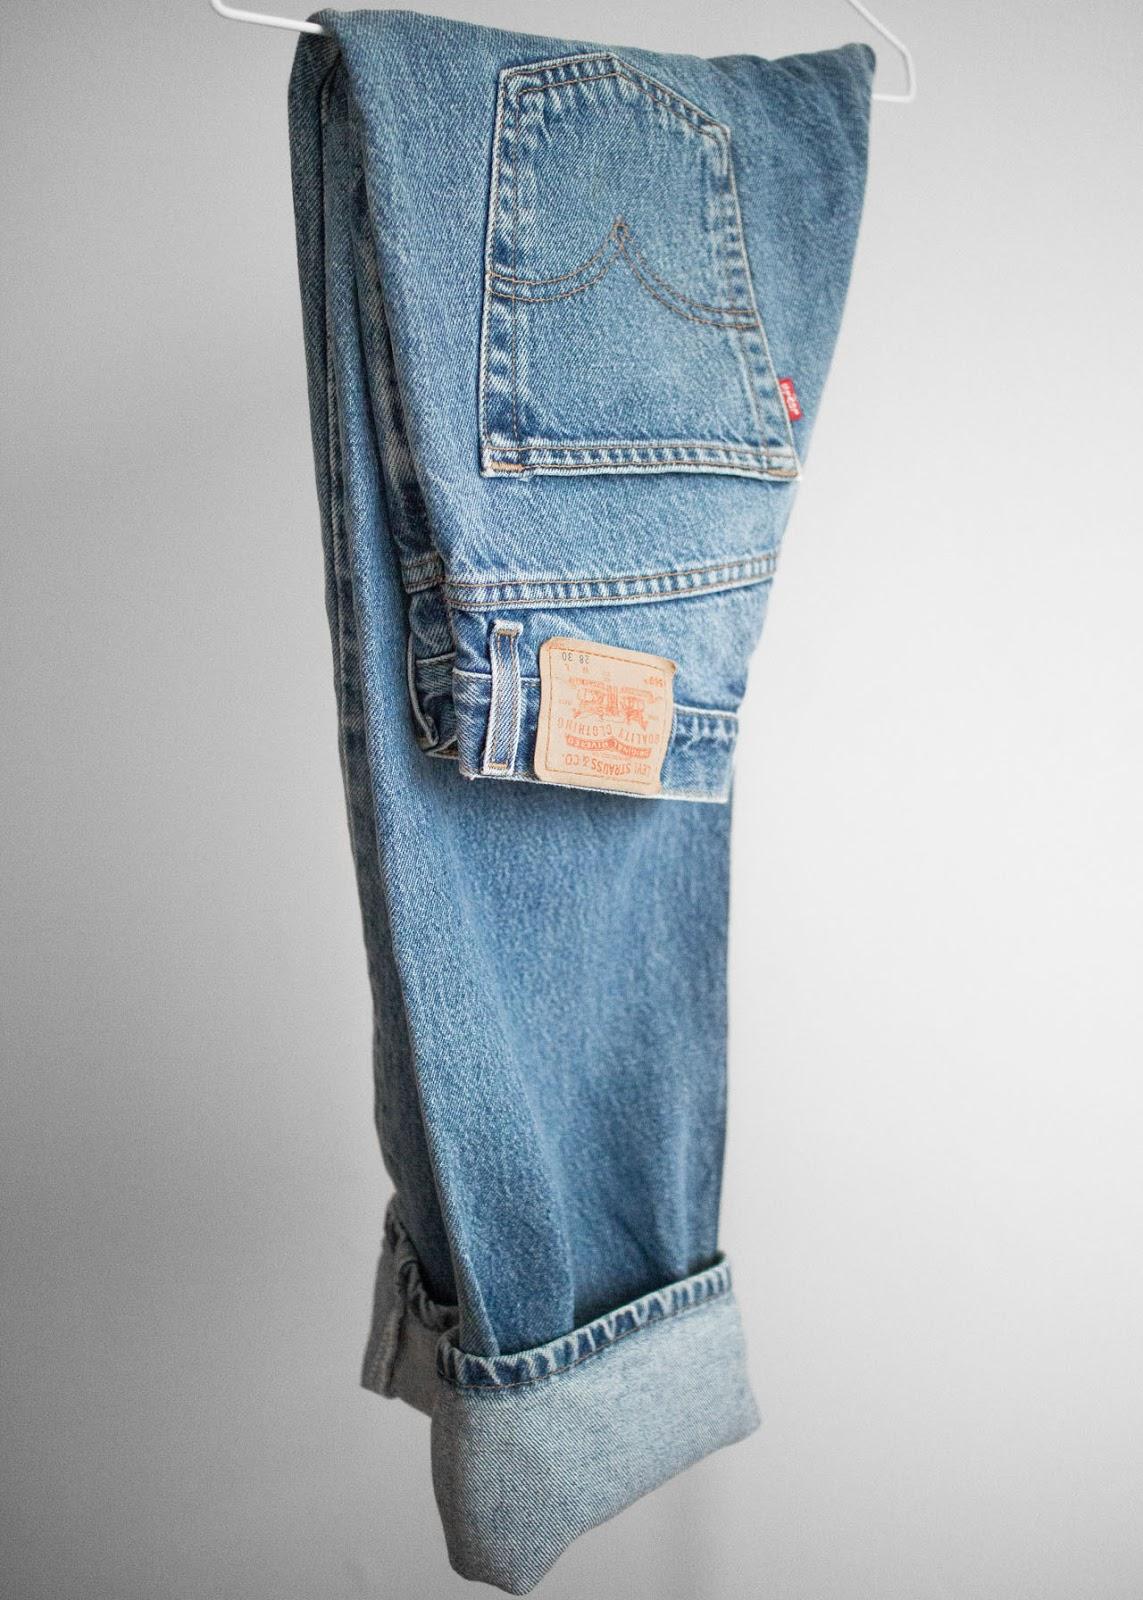 New in my wardrobe - Elizabeth and James bag / Vintage Levi's 569 / Vans old skool